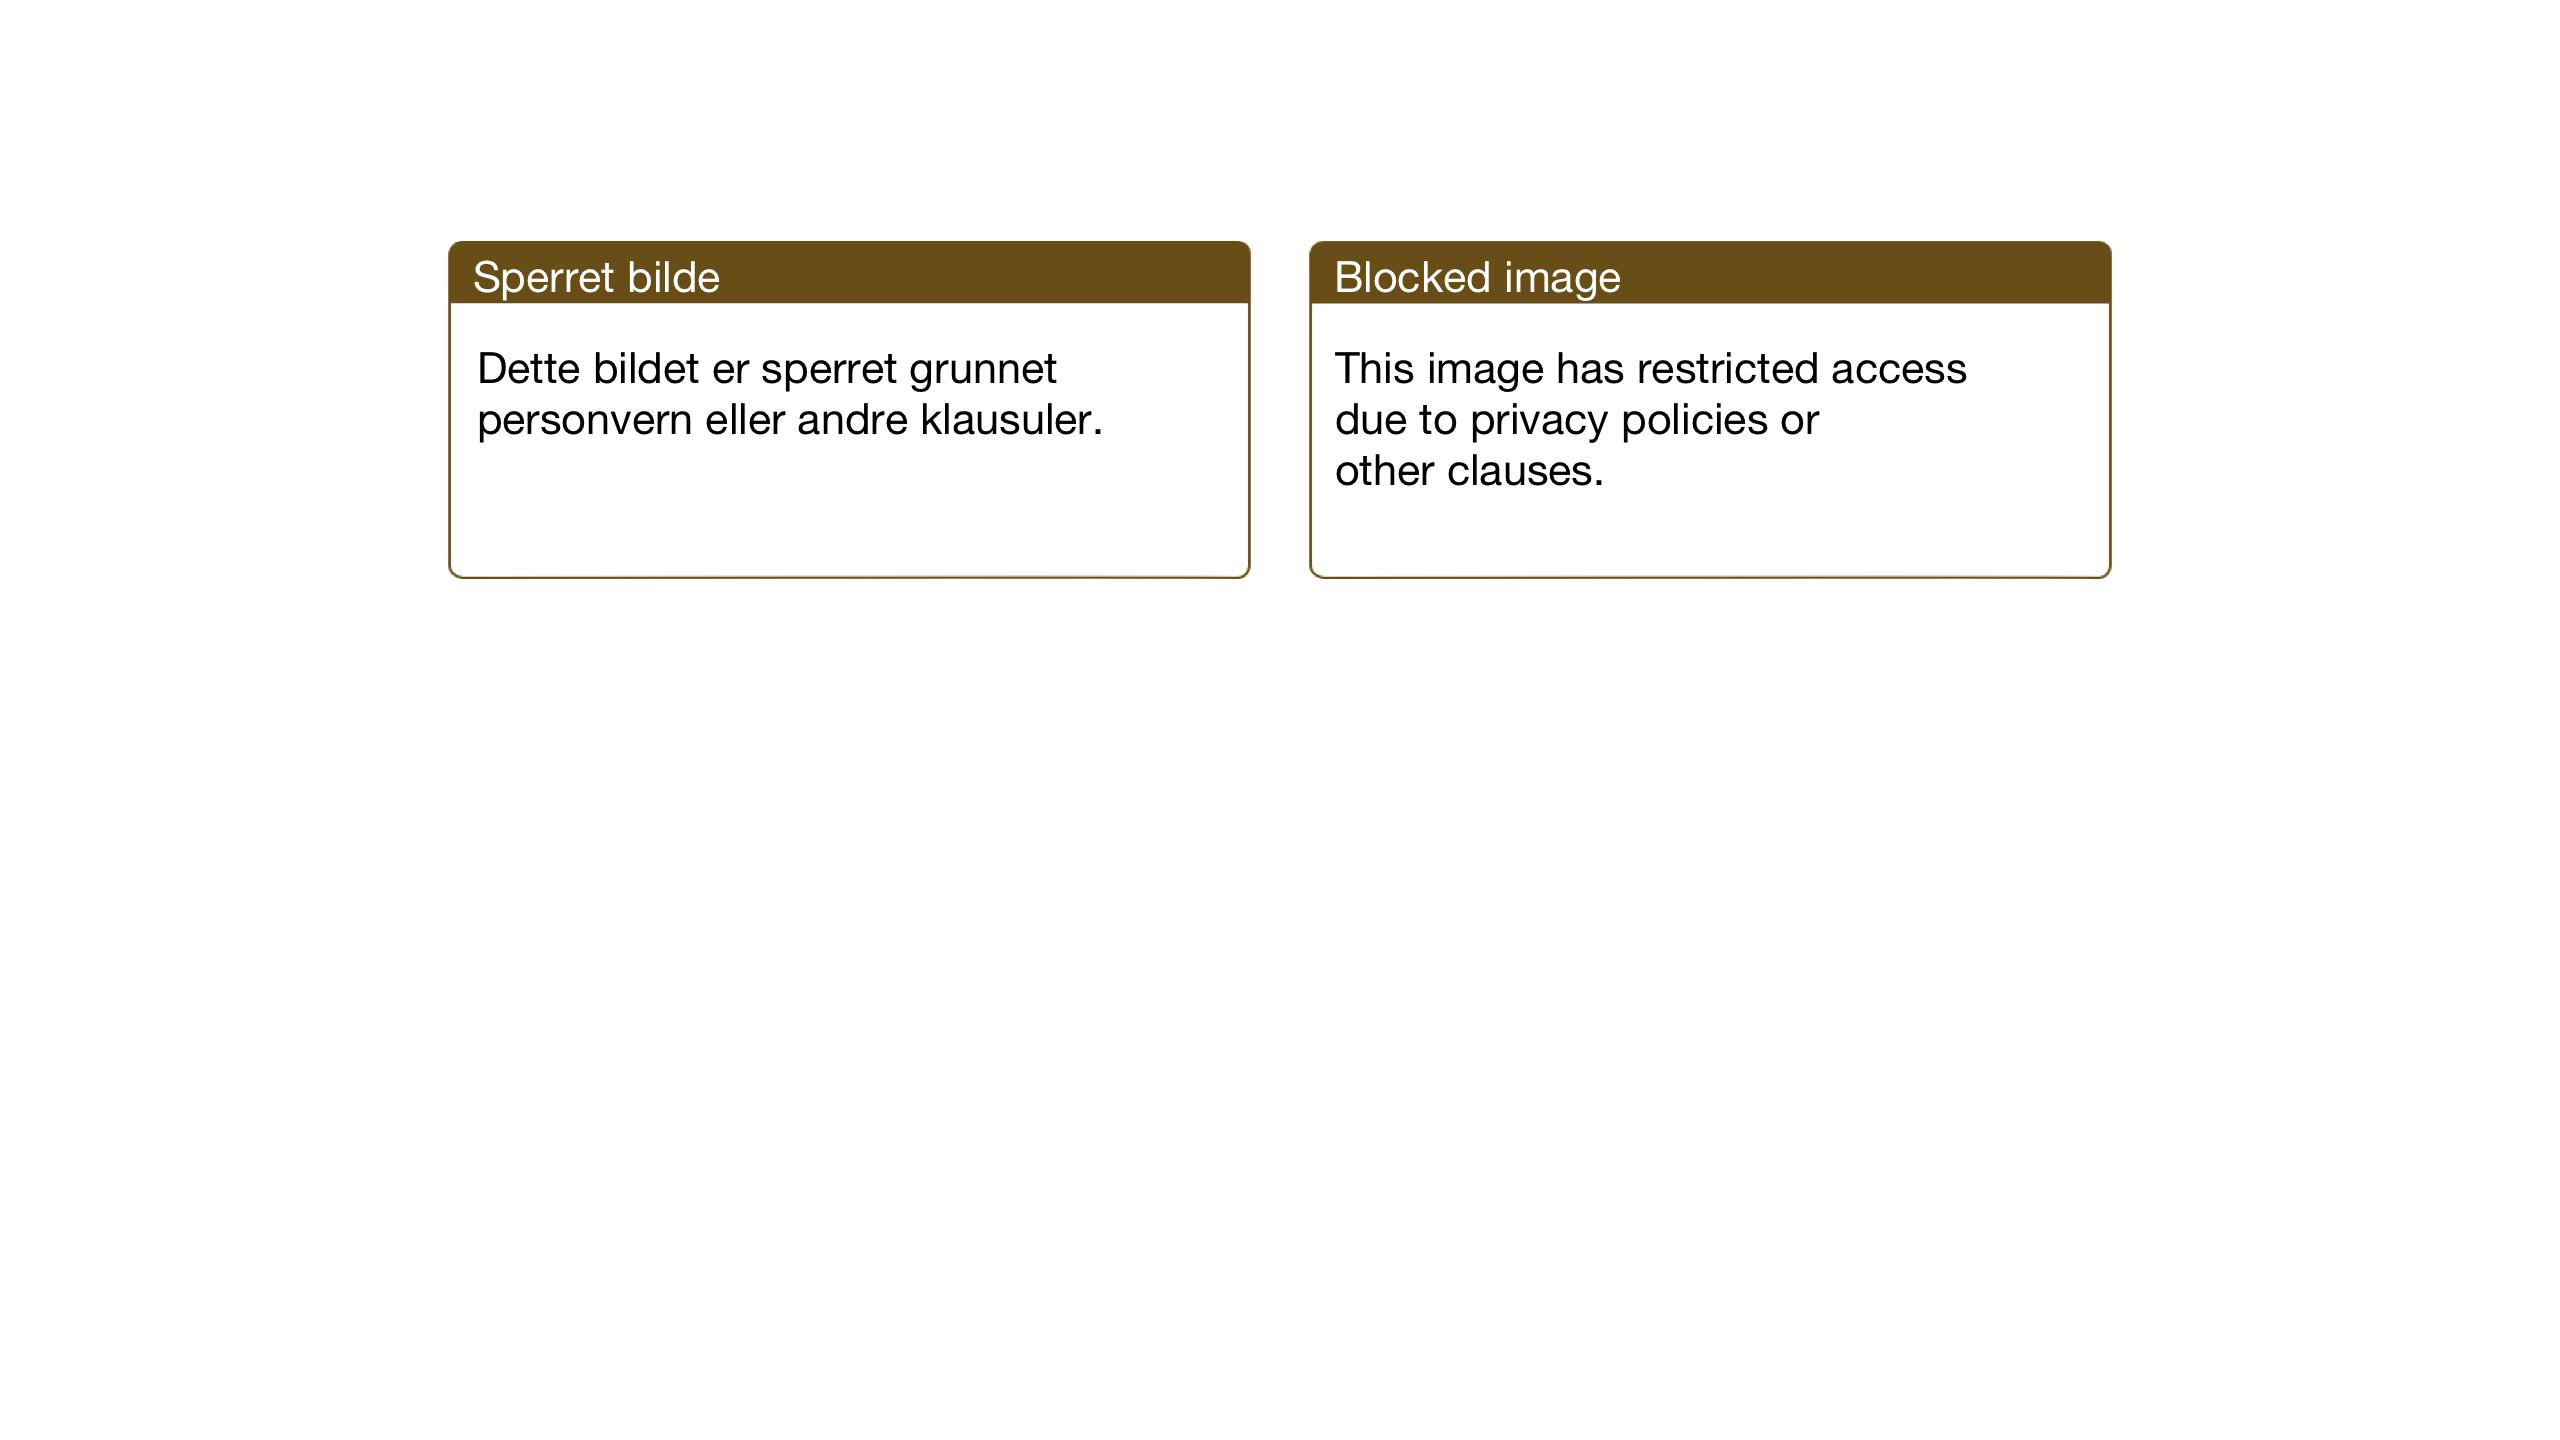 SAT, Ministerialprotokoller, klokkerbøker og fødselsregistre - Sør-Trøndelag, 698/L1169: Klokkerbok nr. 698C06, 1930-1949, s. 34